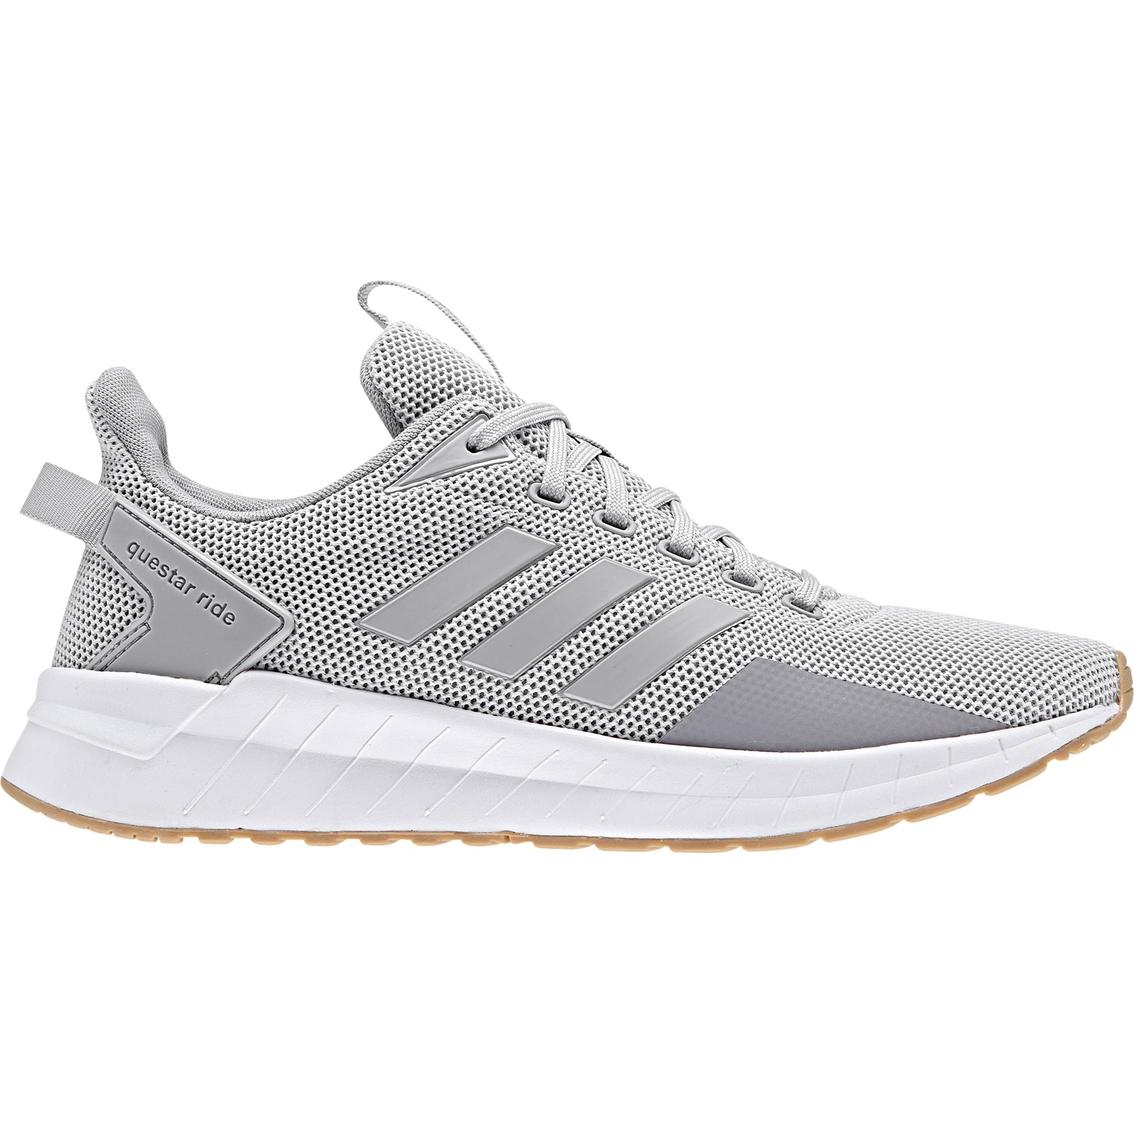 e6861fd30d1 Adidas Women s Questar Ride Running Shoes